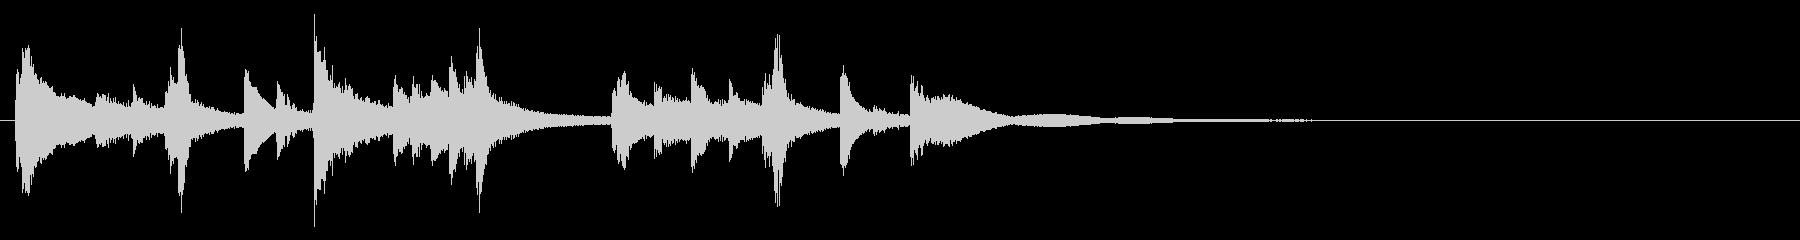 和風☆アイキャッチ3の未再生の波形